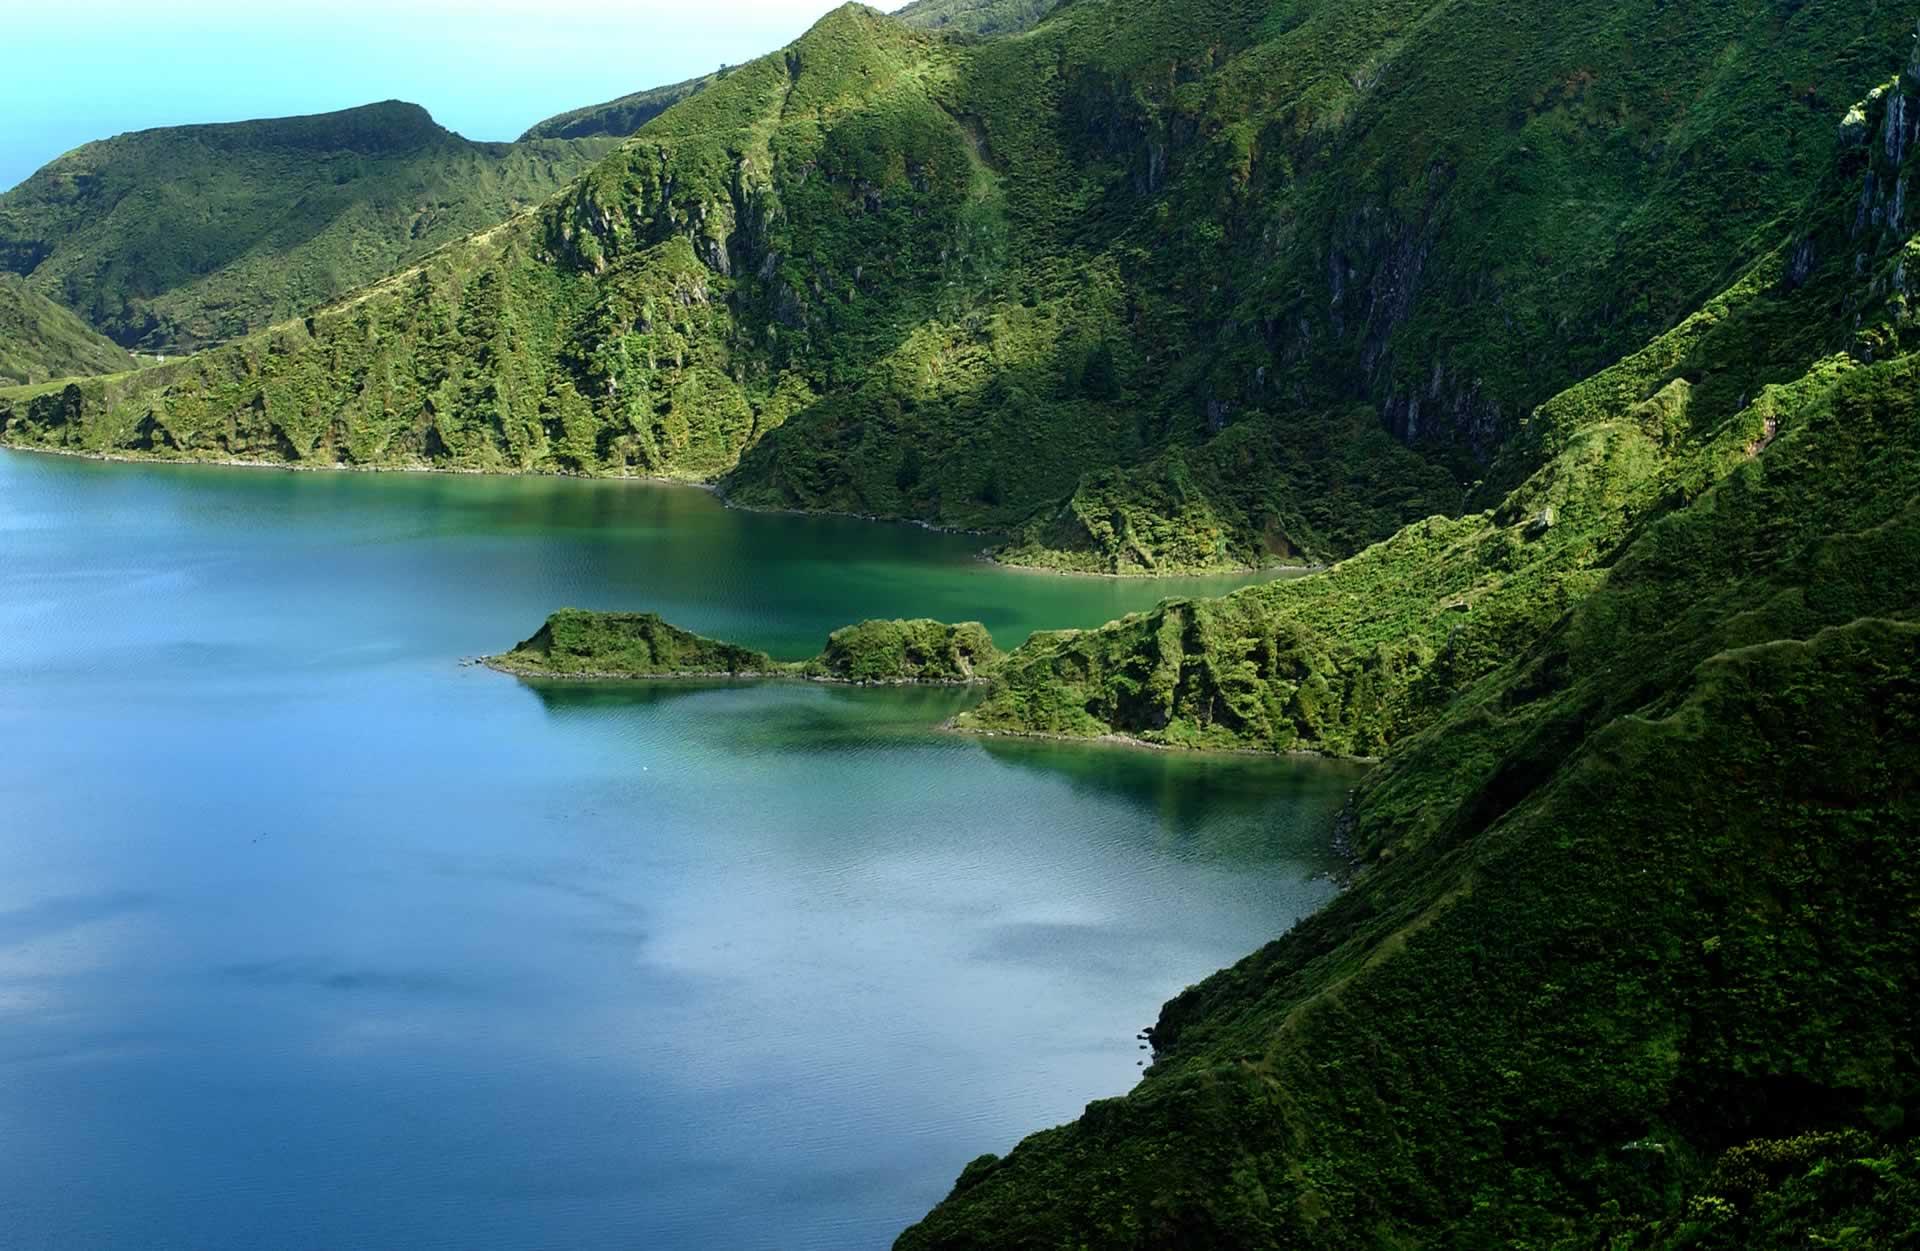 Randonnée du mirador Vista do Rei au lac de Sete Cidades, île de São Miguel